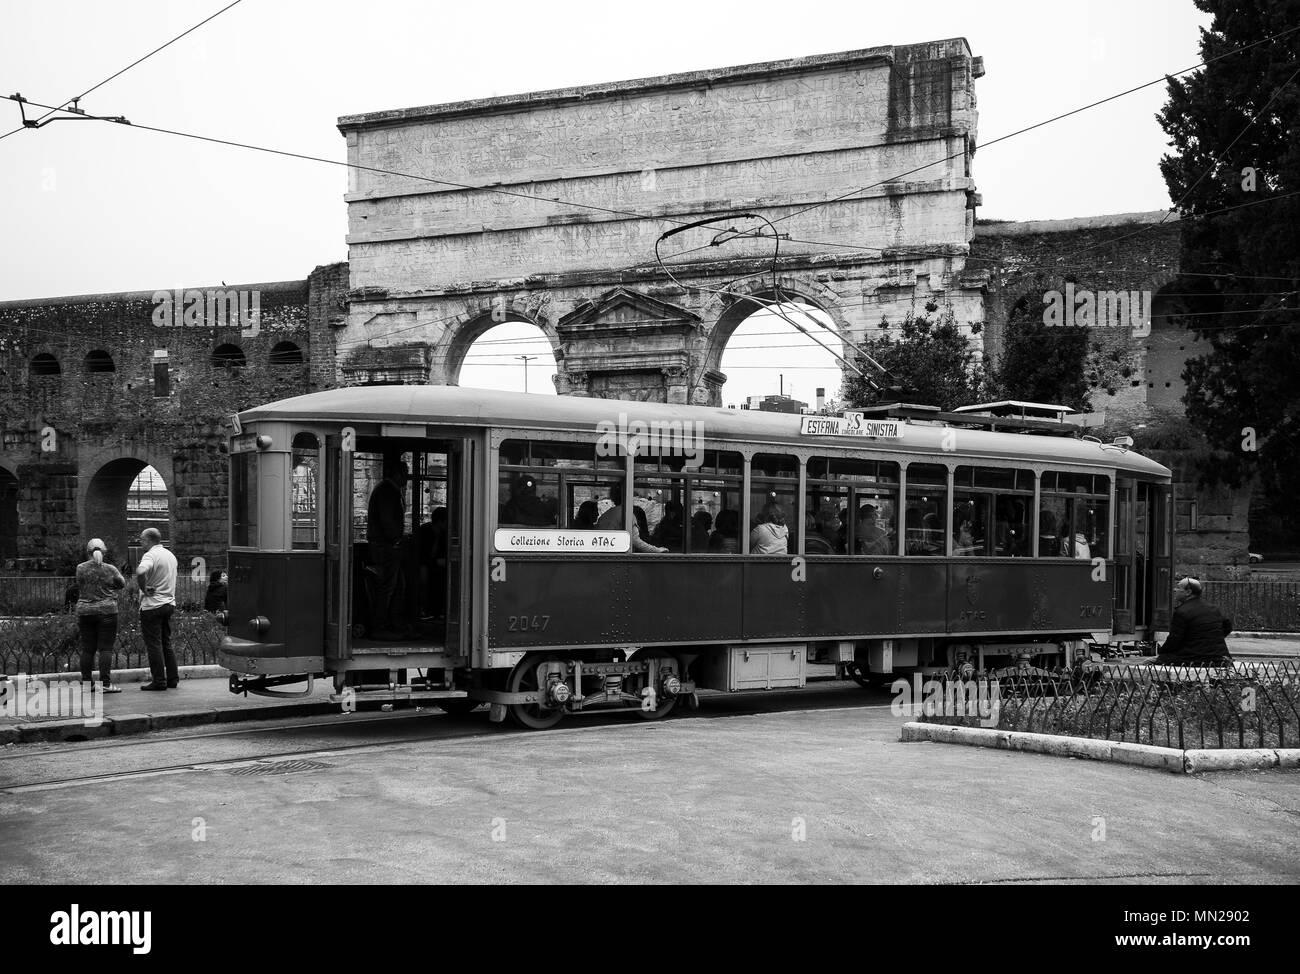 Roma,'Porta Maggiore' talia: un vecchio tram dalla storica collezione ATAC di Roma, in attesa di lasciare di nuovo. Immagini Stock